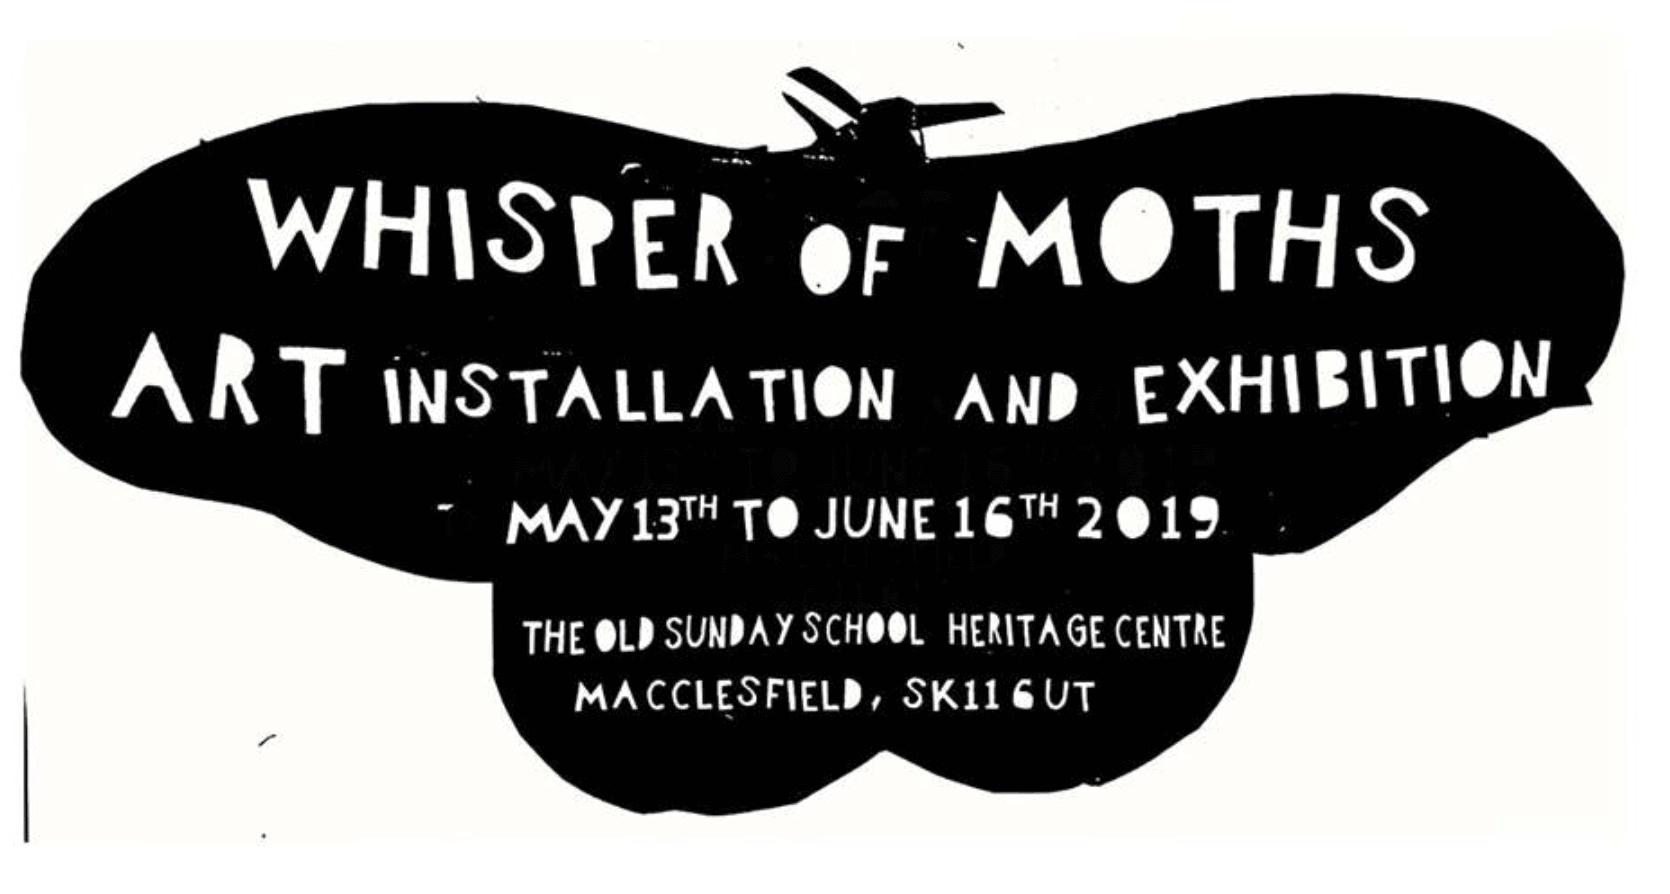 Whisper of Moths Exhibit